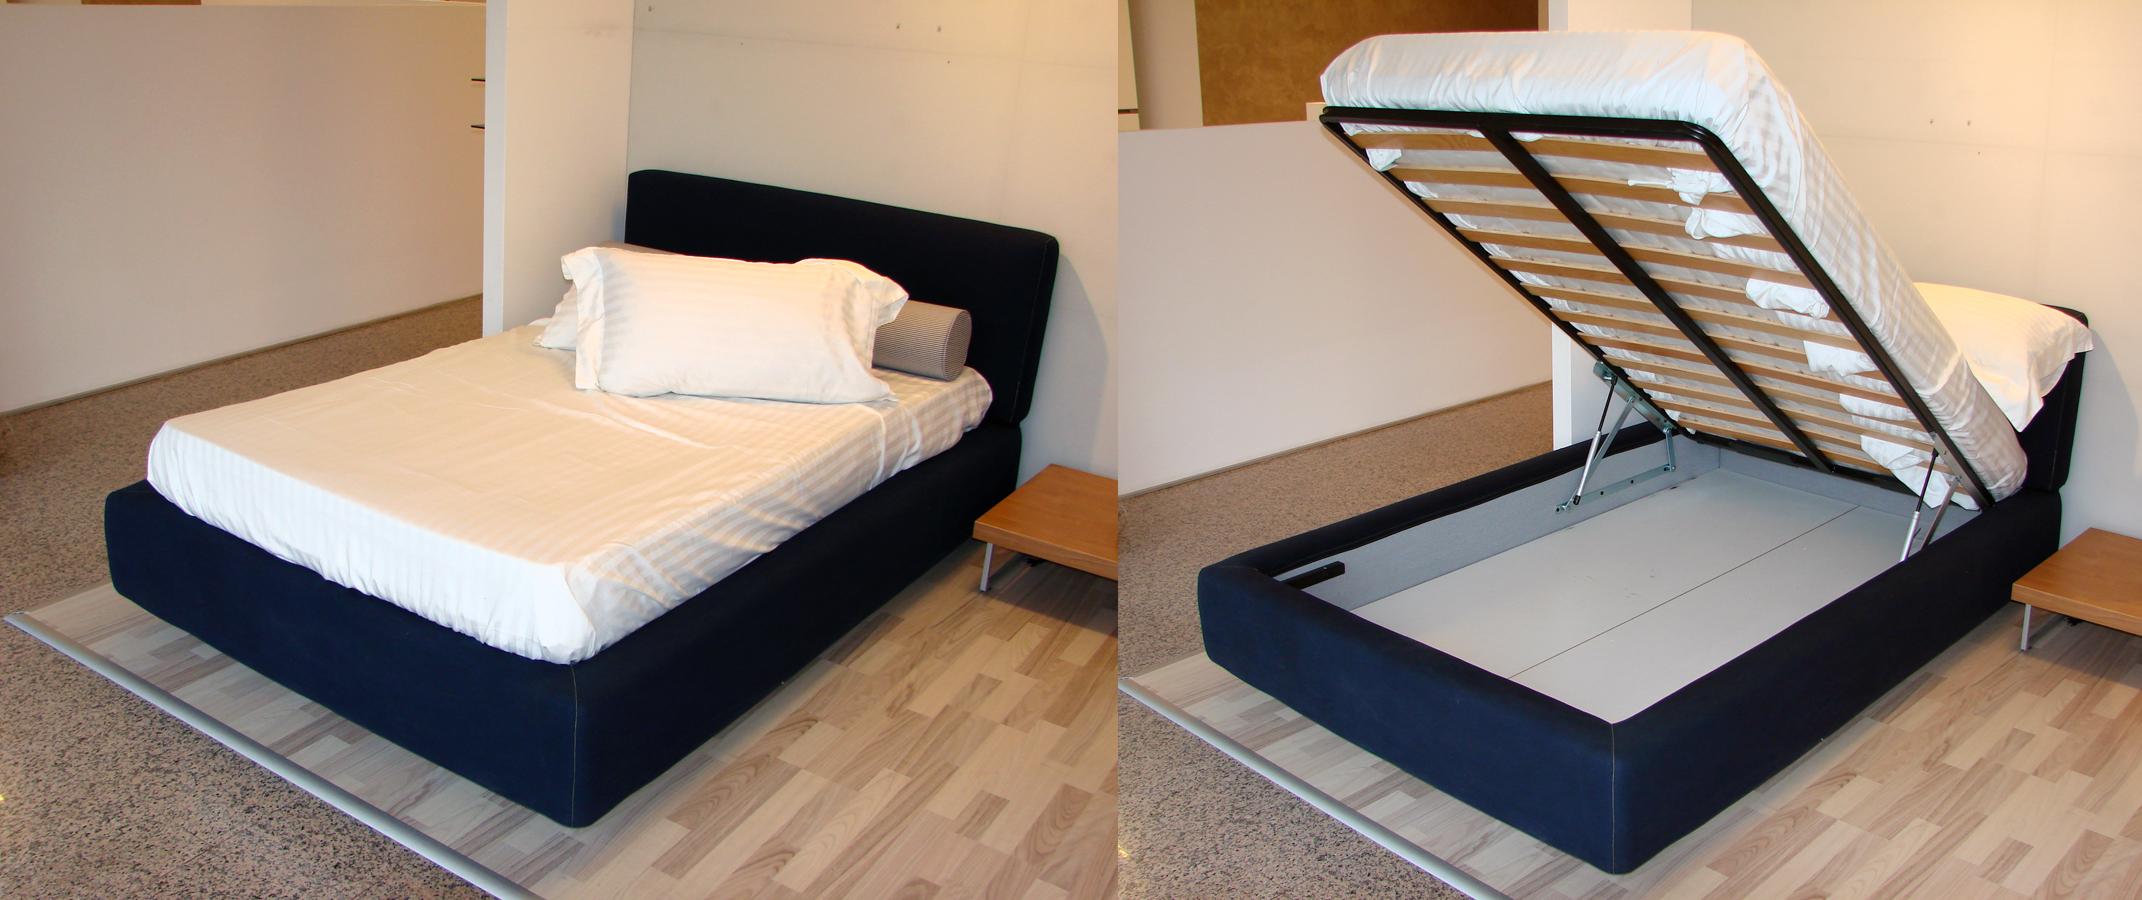 Outlet mobili a basso prezzo dimensione legnodimensione legno - Mobili a basso prezzo ...